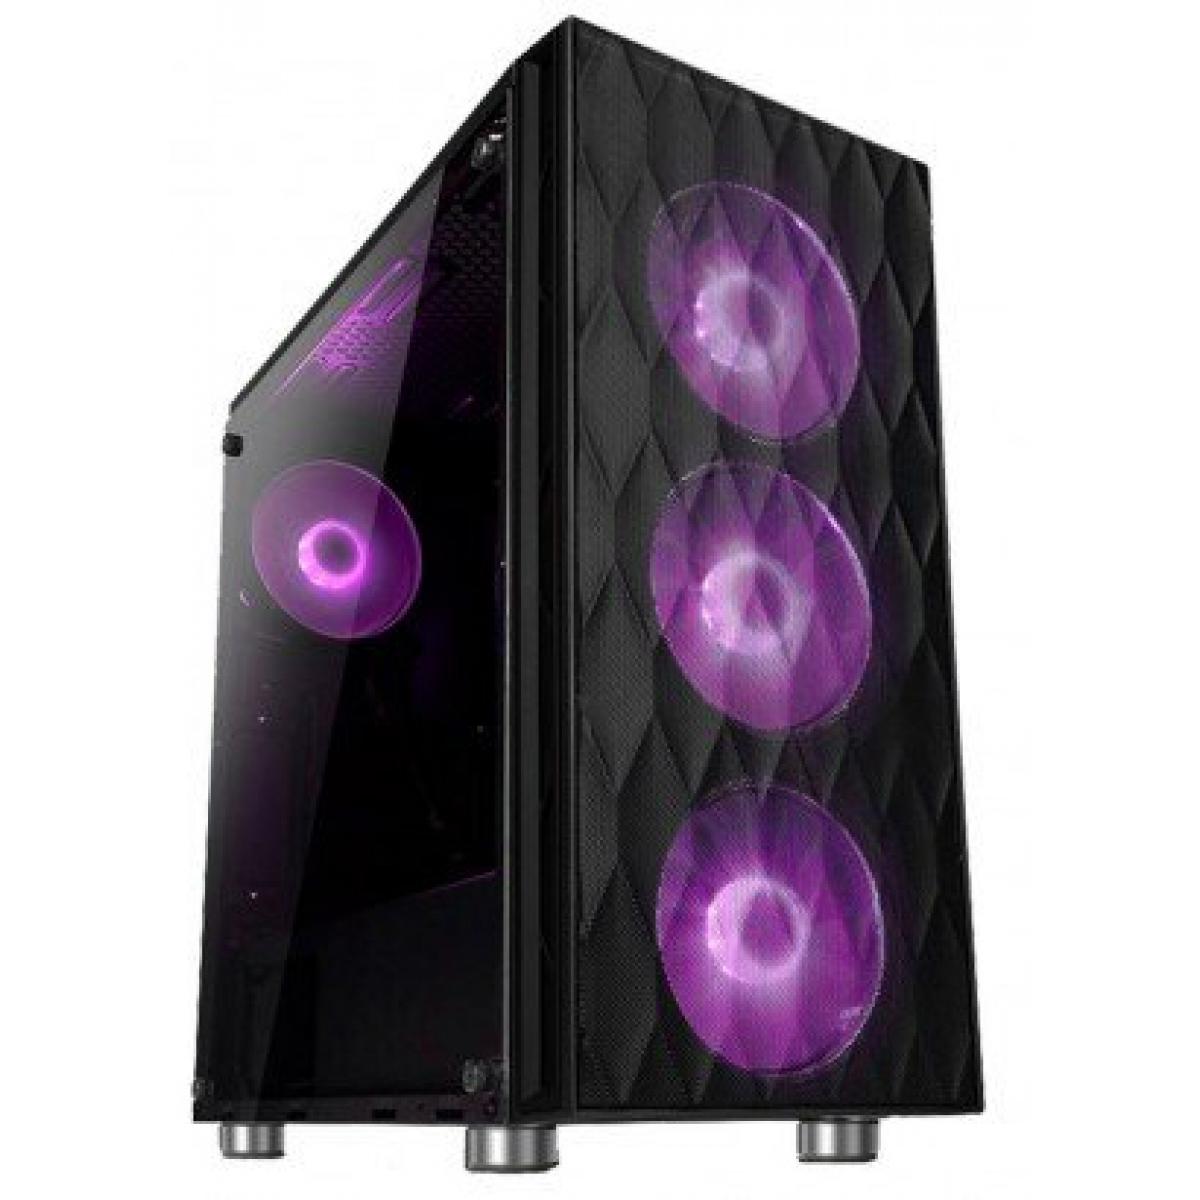 Gabinete Gamer liketec Horus RGB, Mid Tower, Vidro Temperado, Black, Sem Fonte, Com 3 Fans RGB